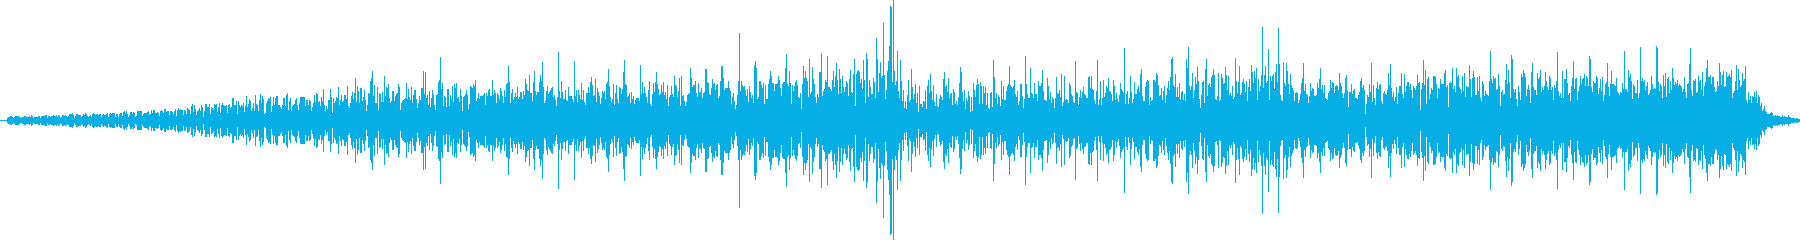 ホラーの緊迫状態を表すBGMの再生済みの波形